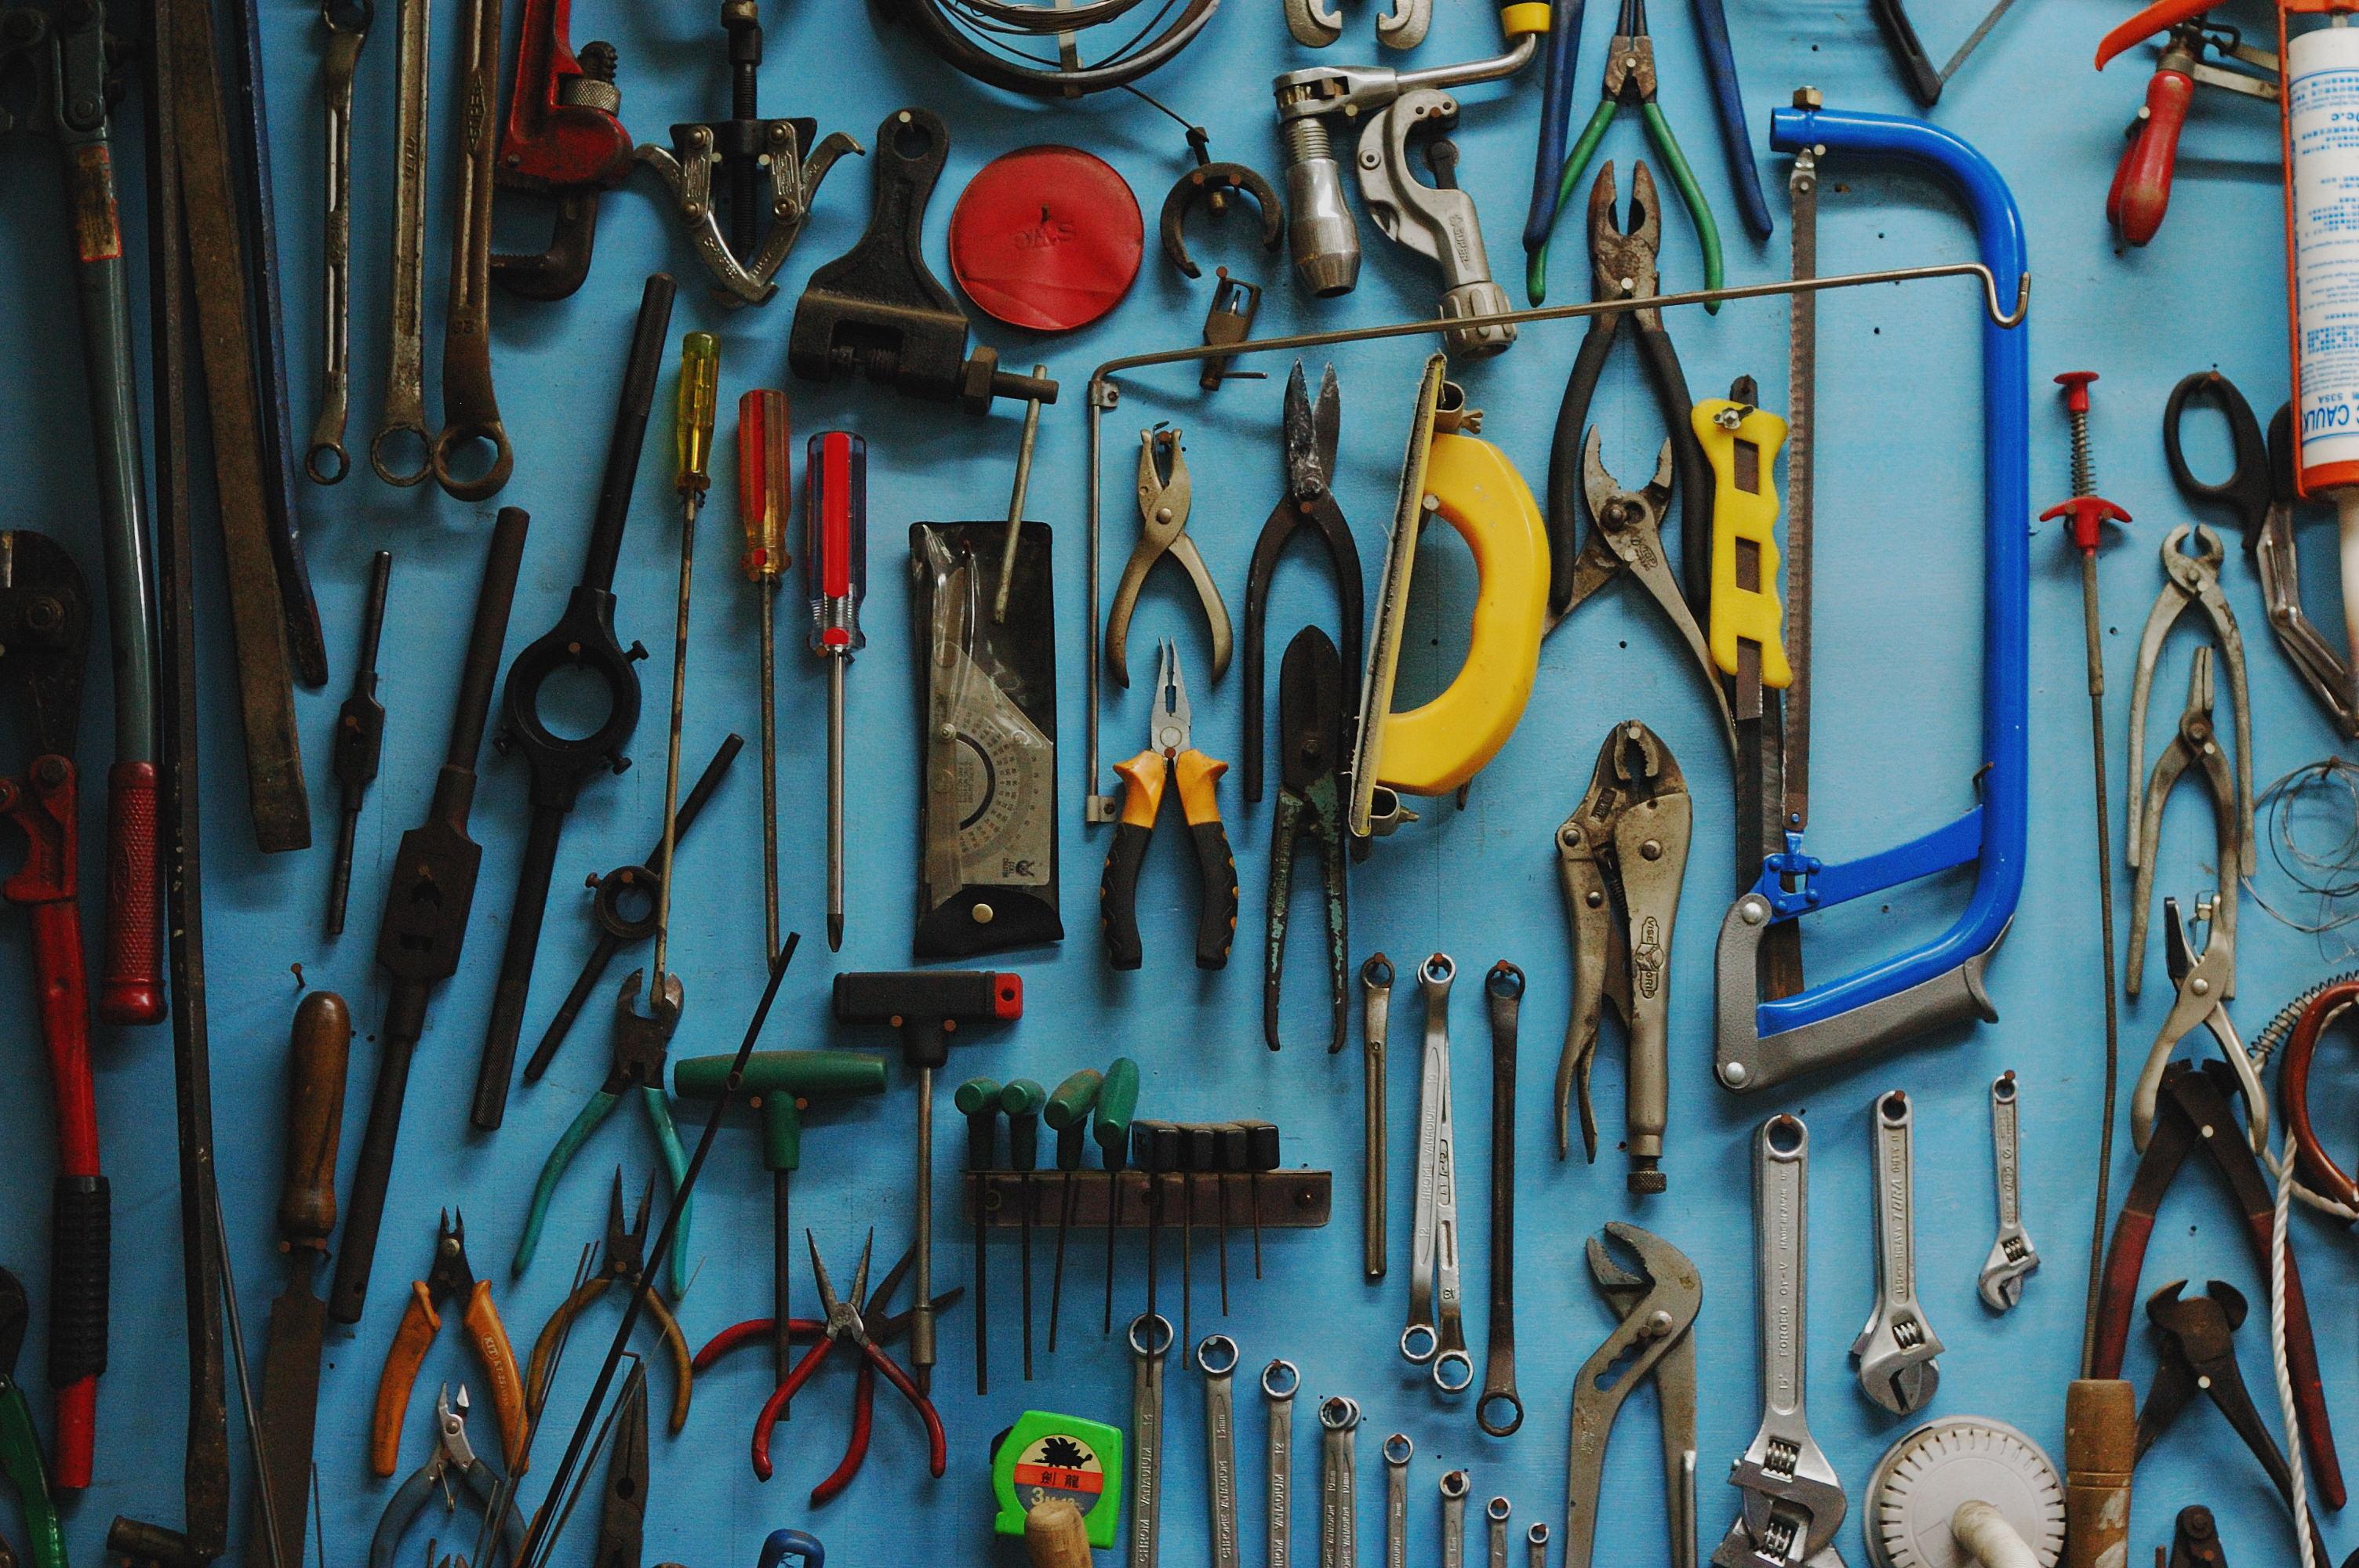 236/365: Wall of Tools